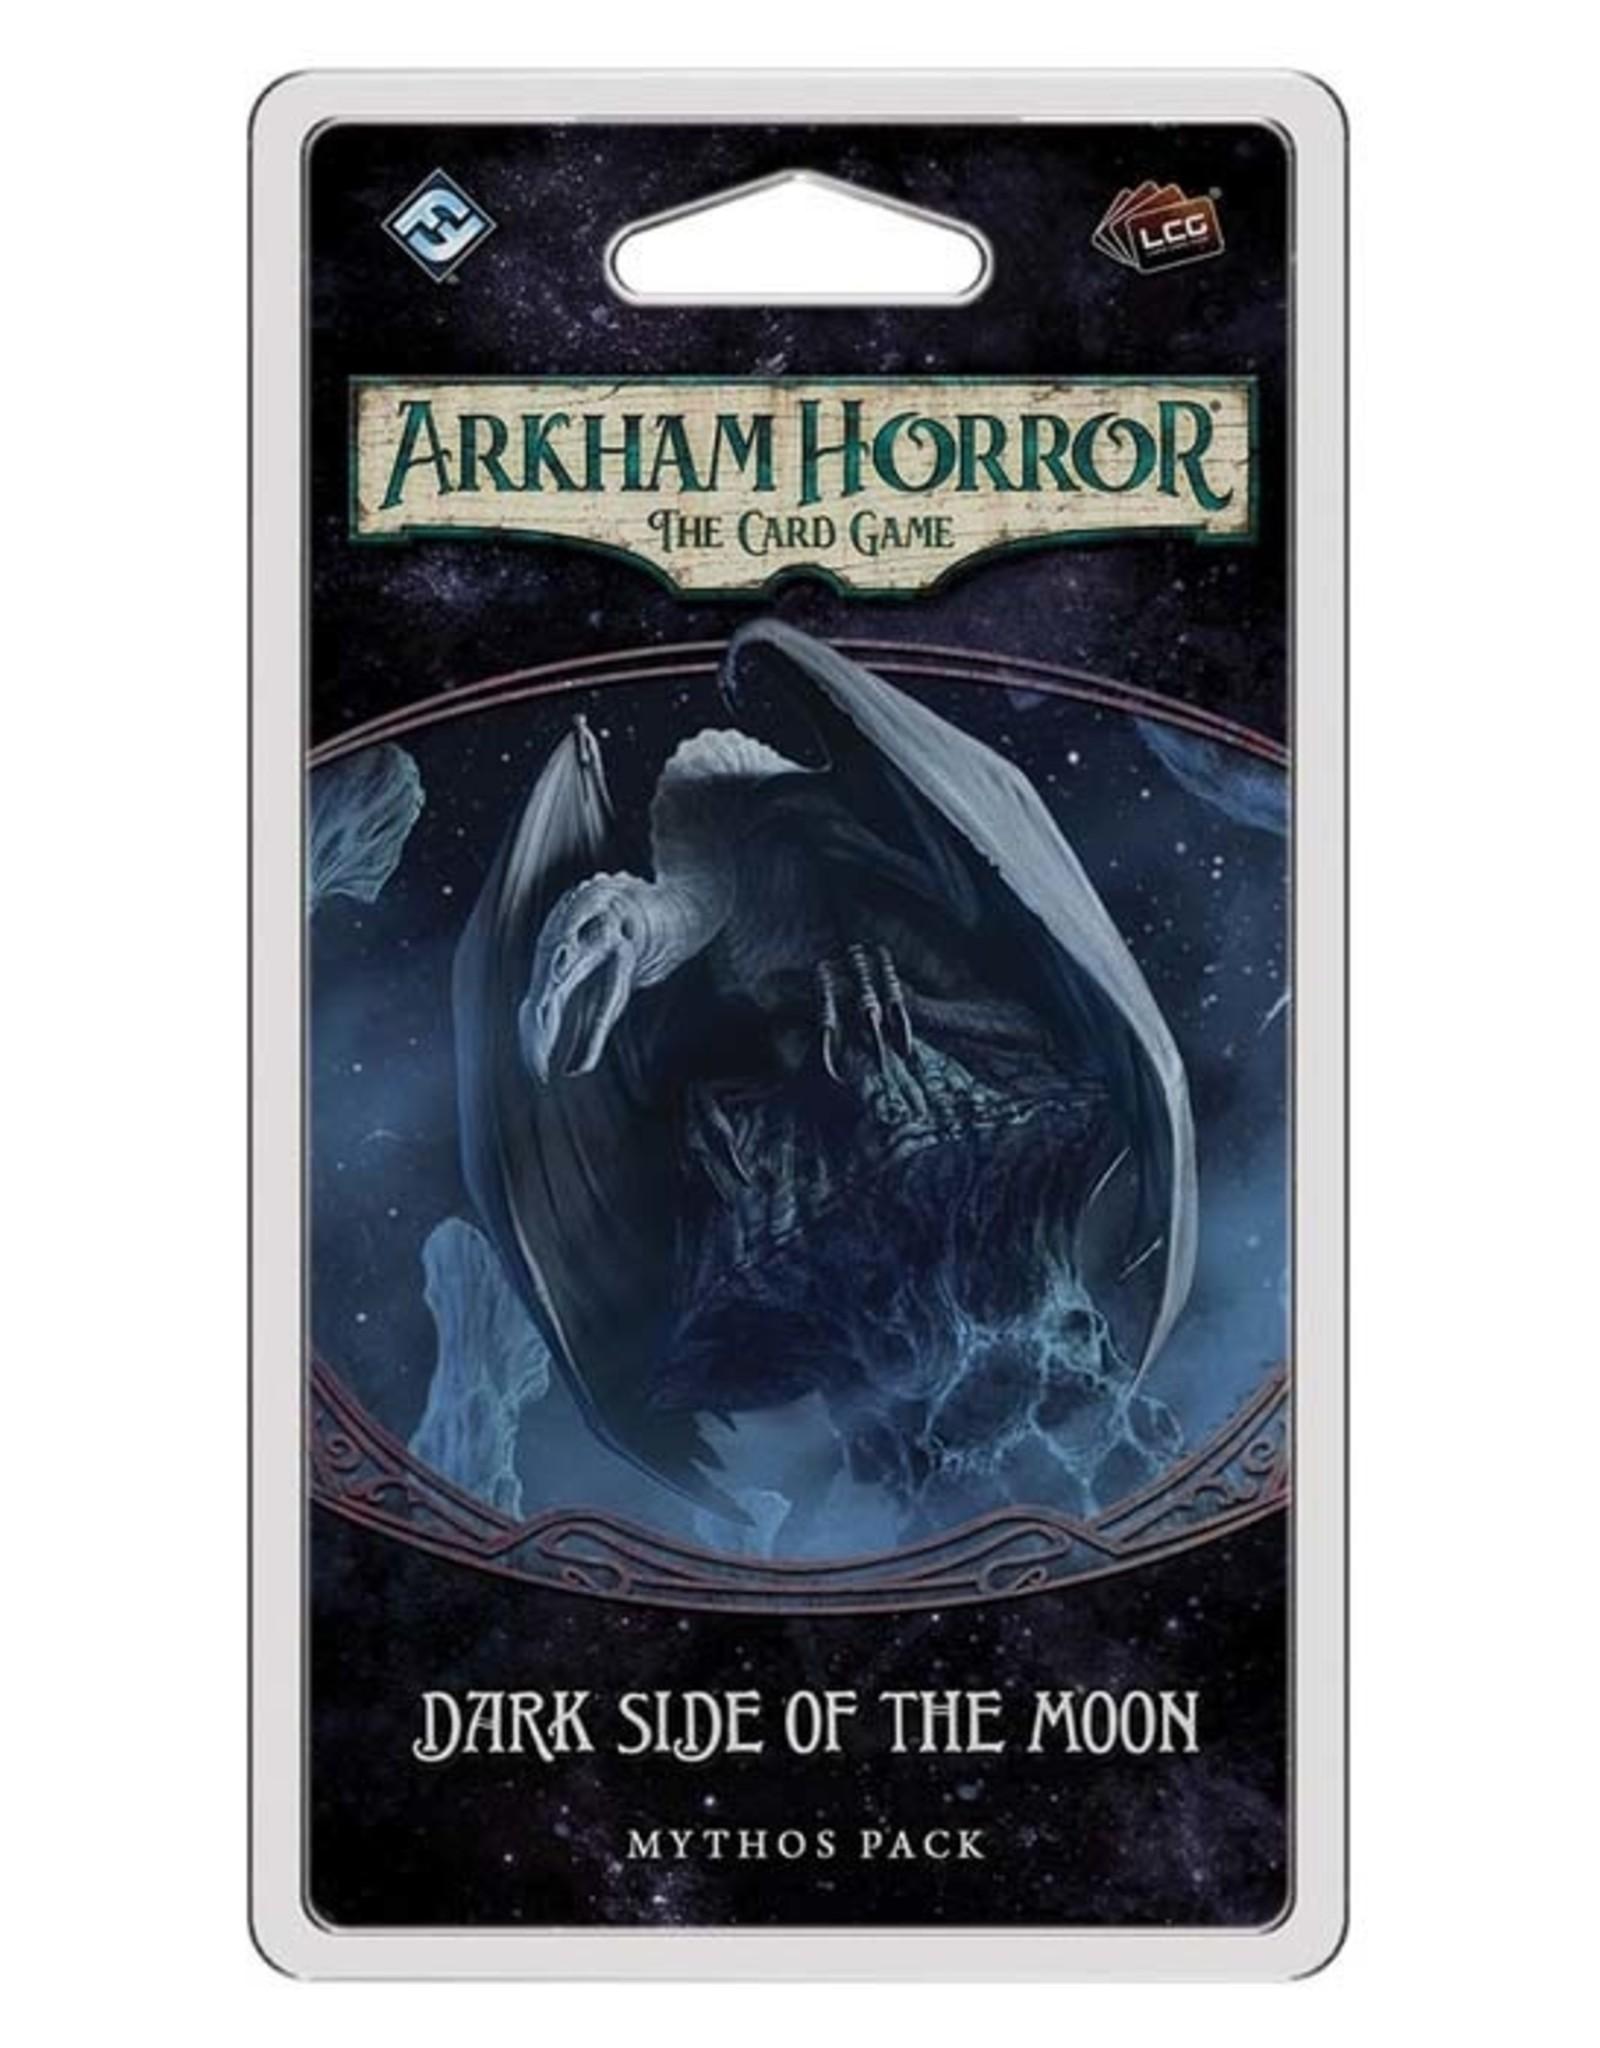 Arkham Horror Arkham Horror: The Card Game - Mythos Pack - Dark Side of the Moon